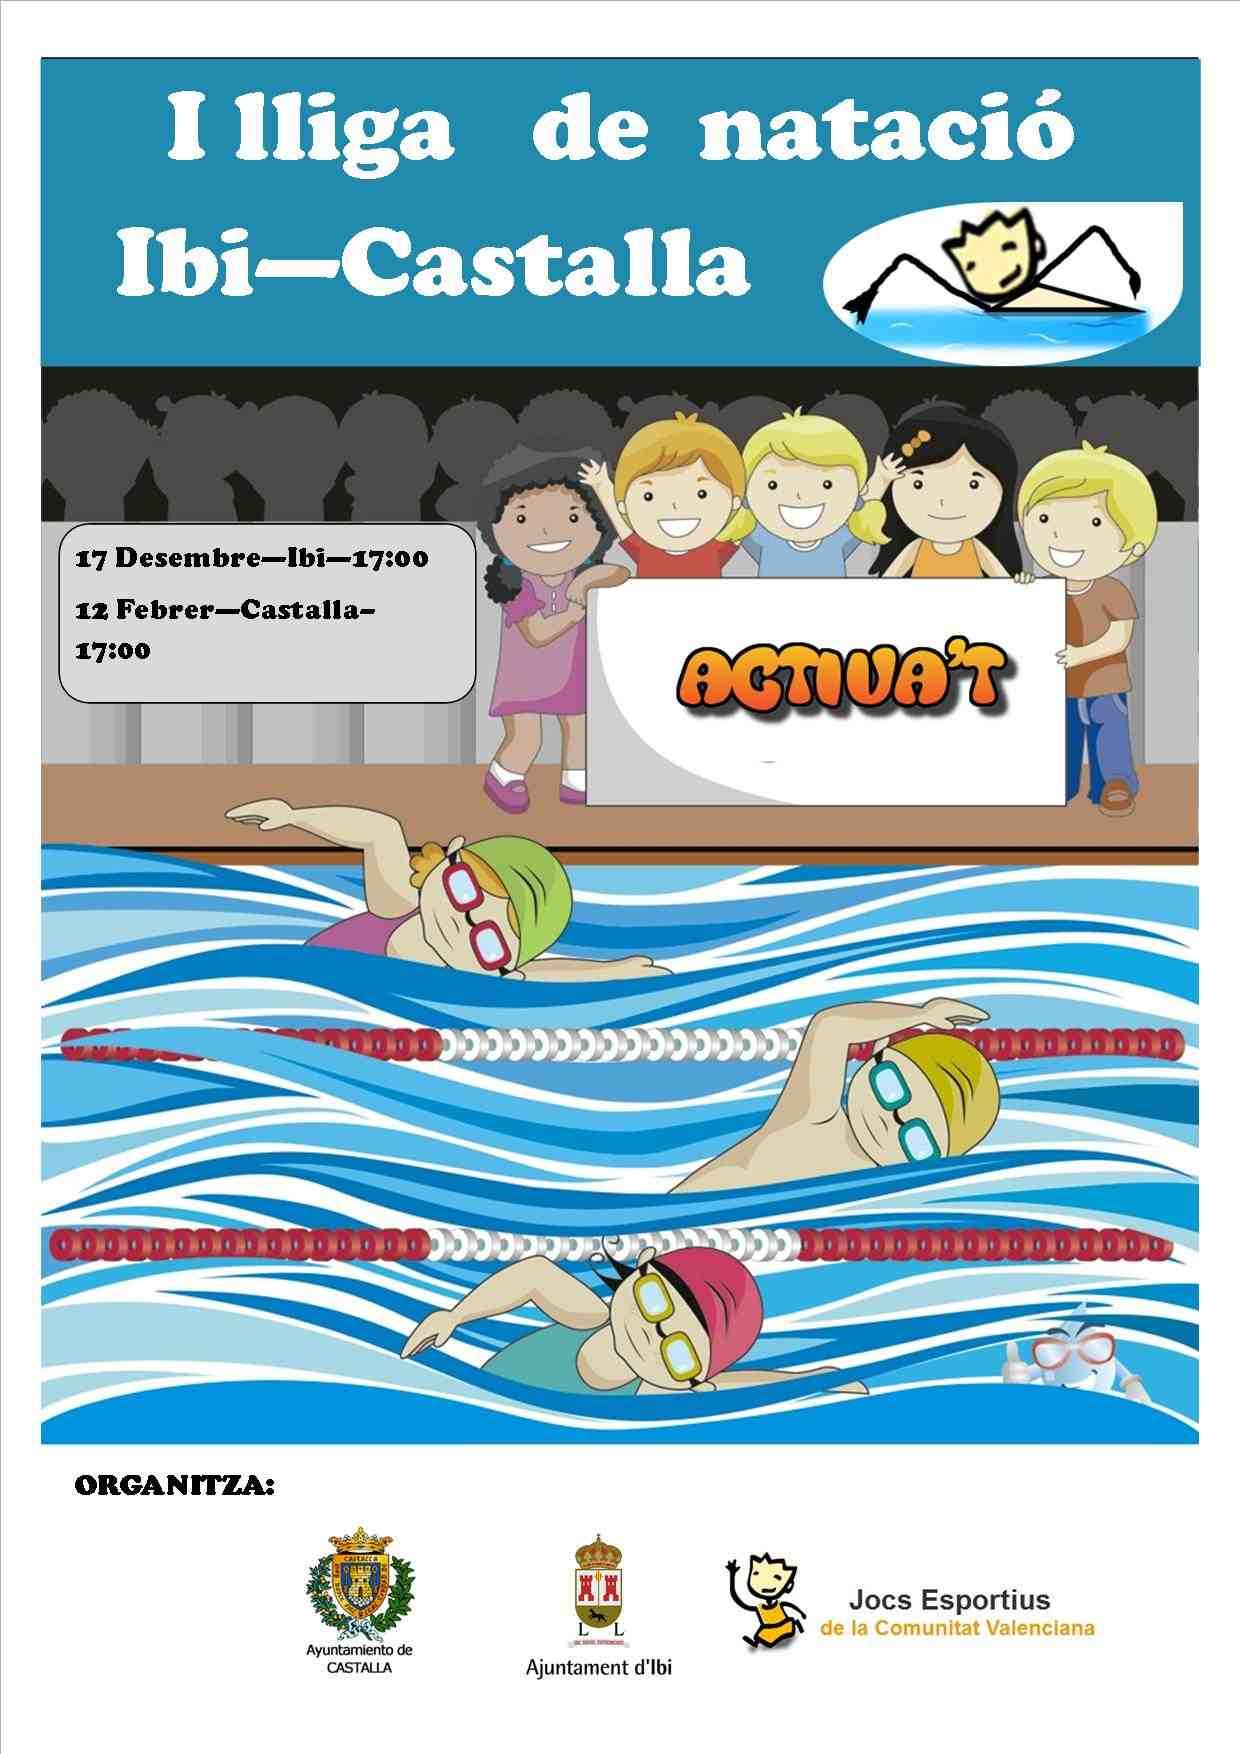 Ibi, Castalla y Alcoy organizan una liga comarcal de natación